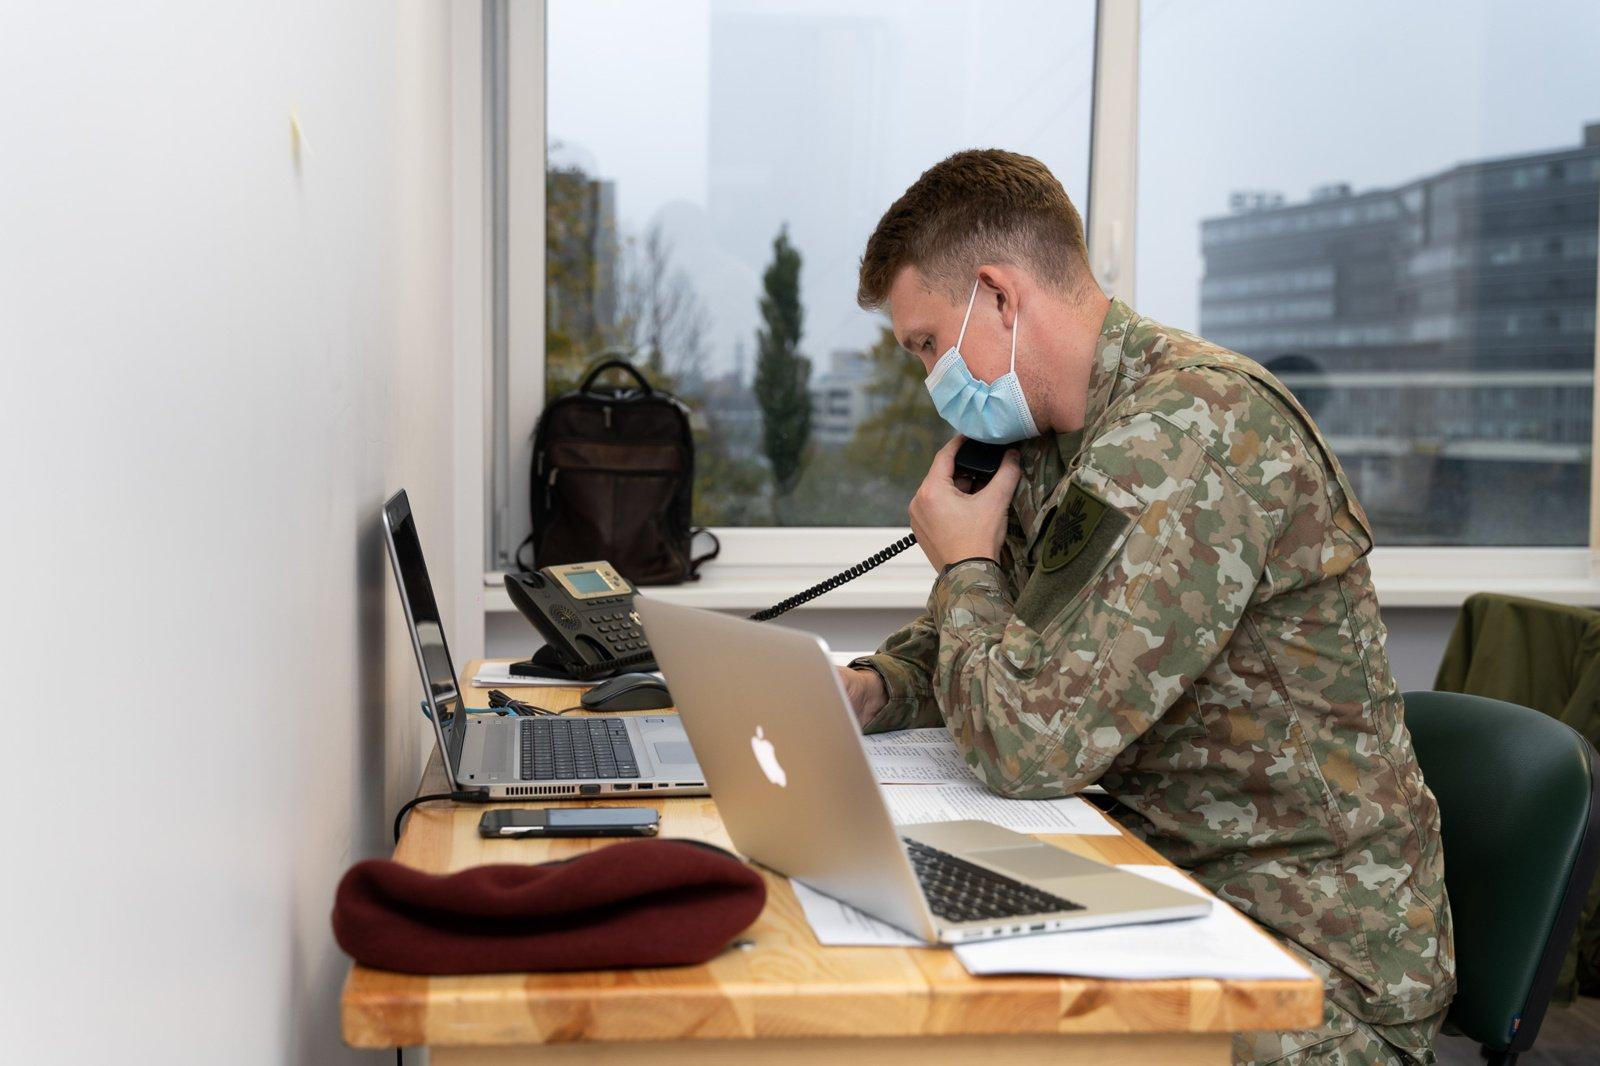 33 kariai pradėjo teikti pagalbą Nacionalinio visuomenės sveikatos centro epidemiologams